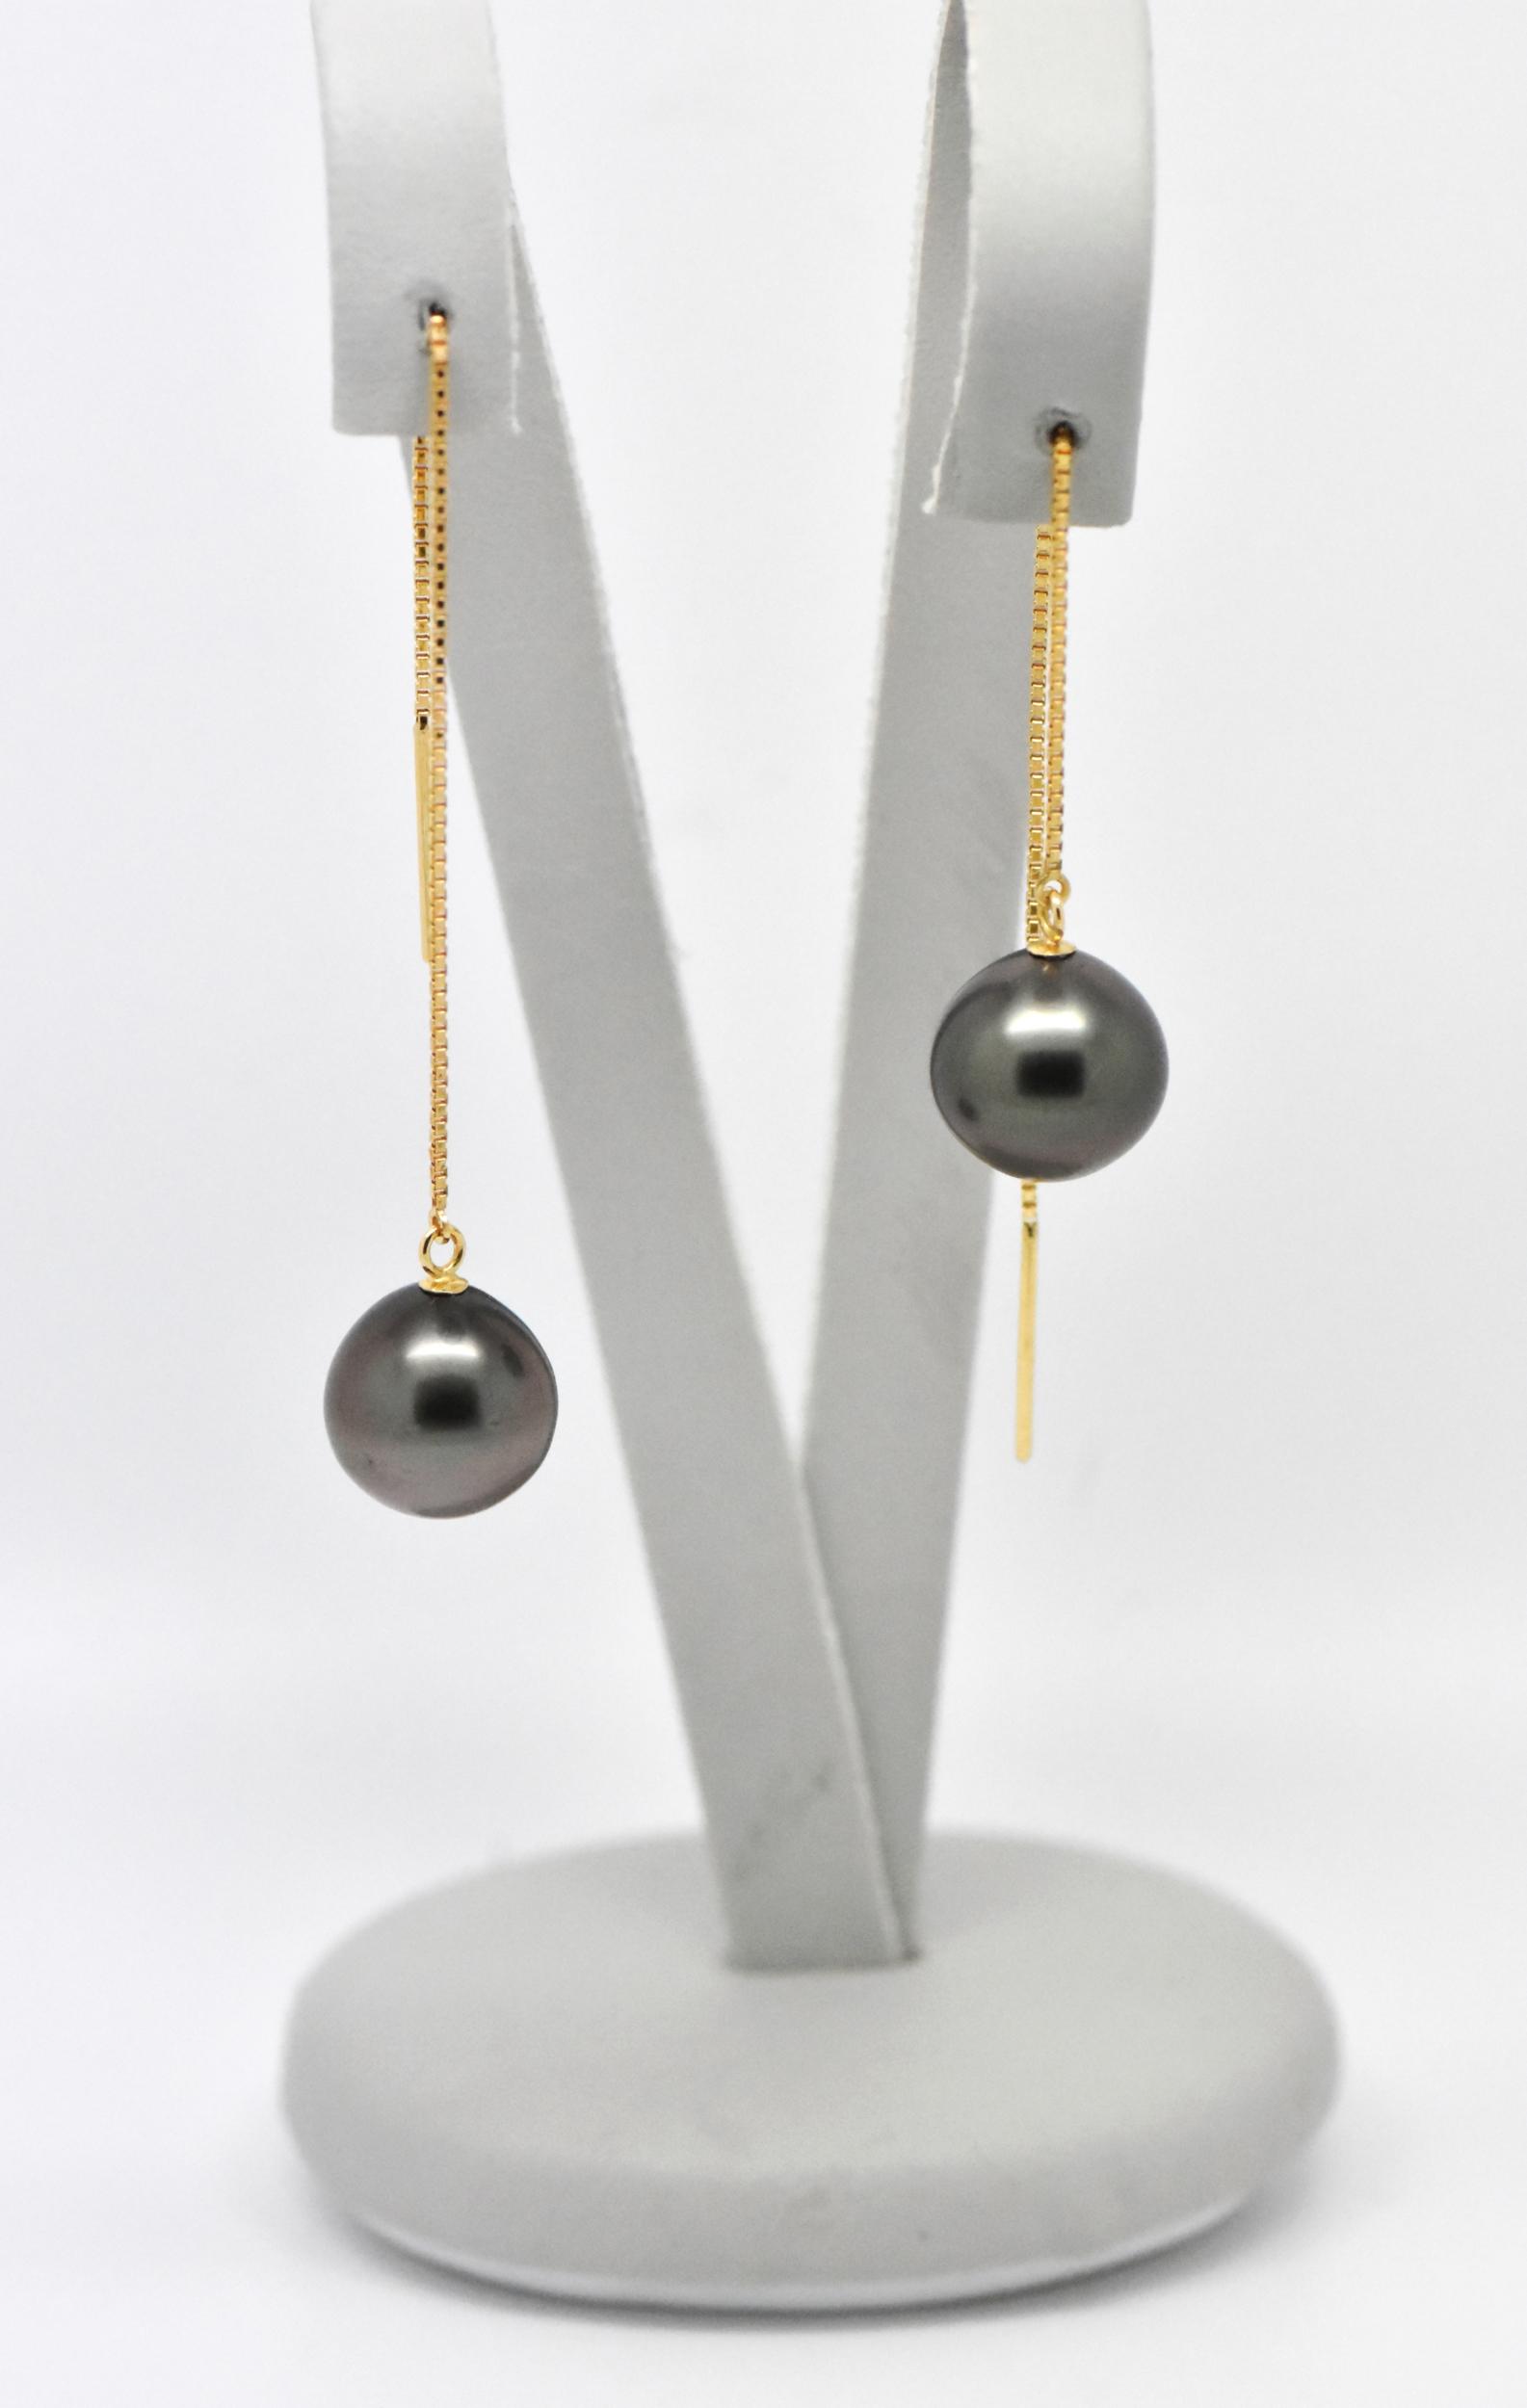 Boucles d\'oreilles Chainettes or jaune 18 carats 2 perles de Tahiti